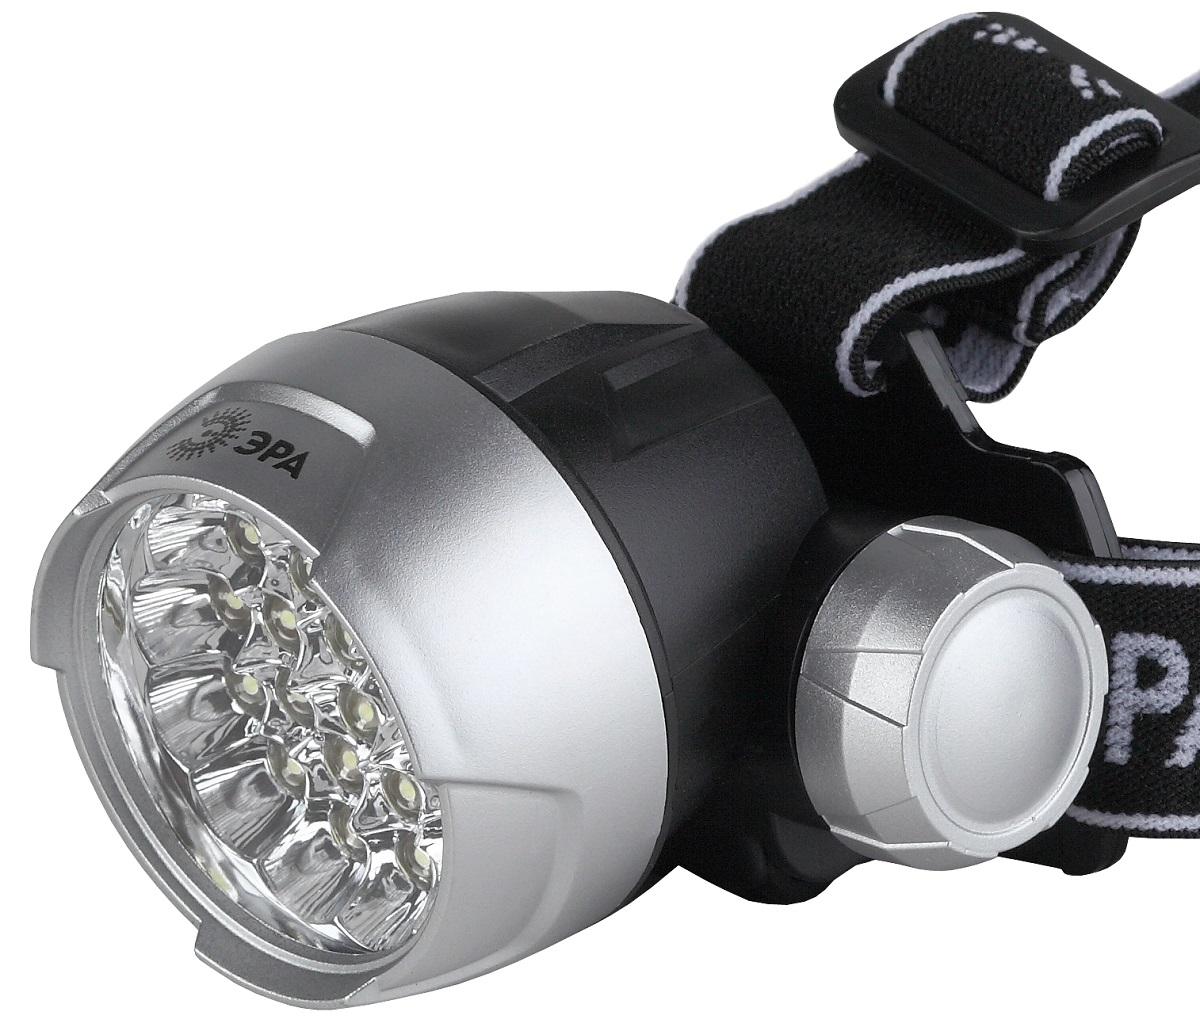 Фонарь налобный ЭРА G25, цвет: серебристый, черный фонарь налобный эра er g1w